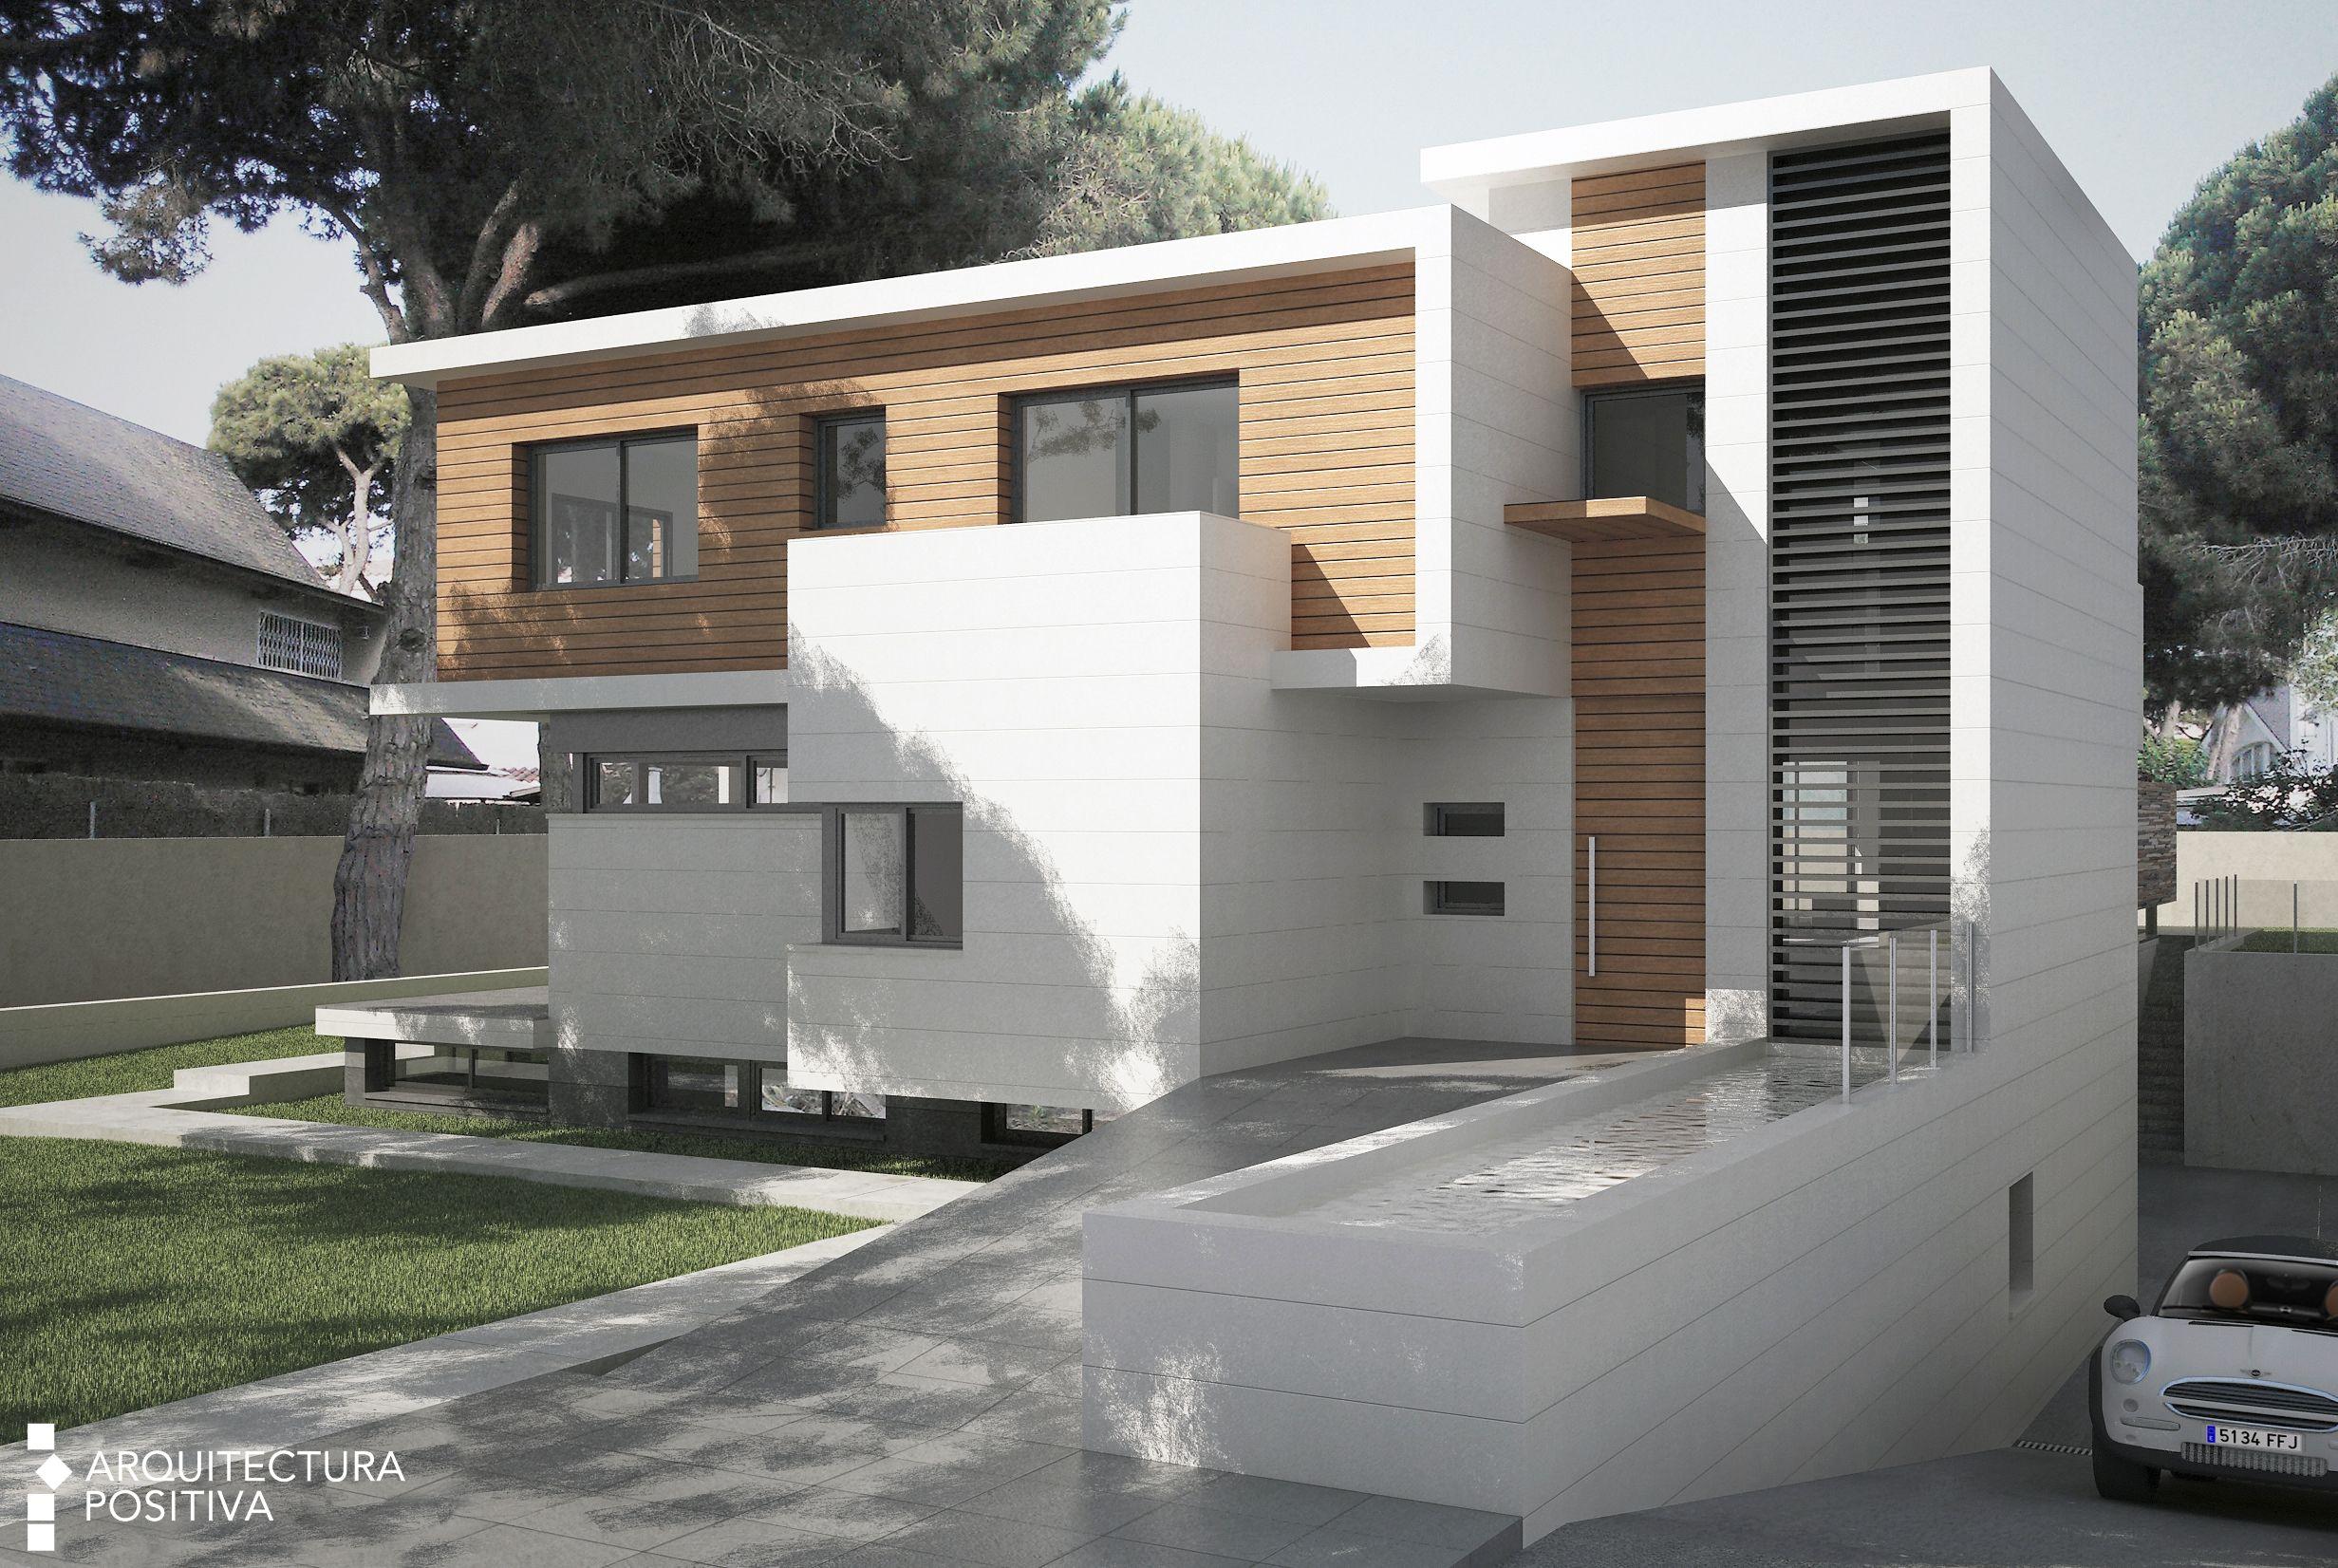 Propuesta de fachada para vivienda unifamiliar jvc for Vivienda unifamiliar arquitectura